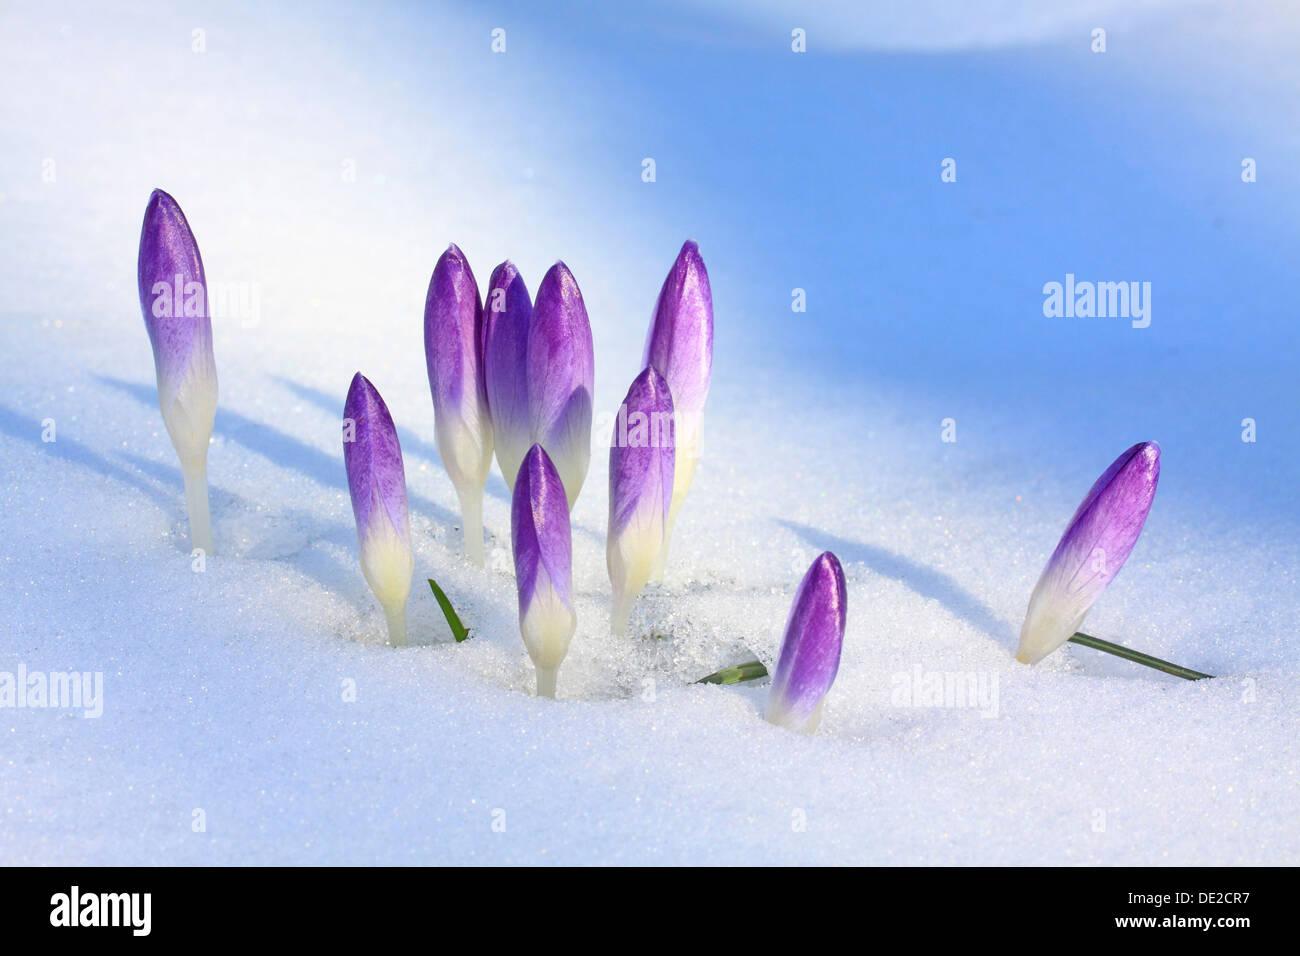 Purple Spring Crocuses or Giant Crocuses (Crocus vernus), closed flowers in snow, Westerwald, Solms, Hesse, Germany - Stock Image